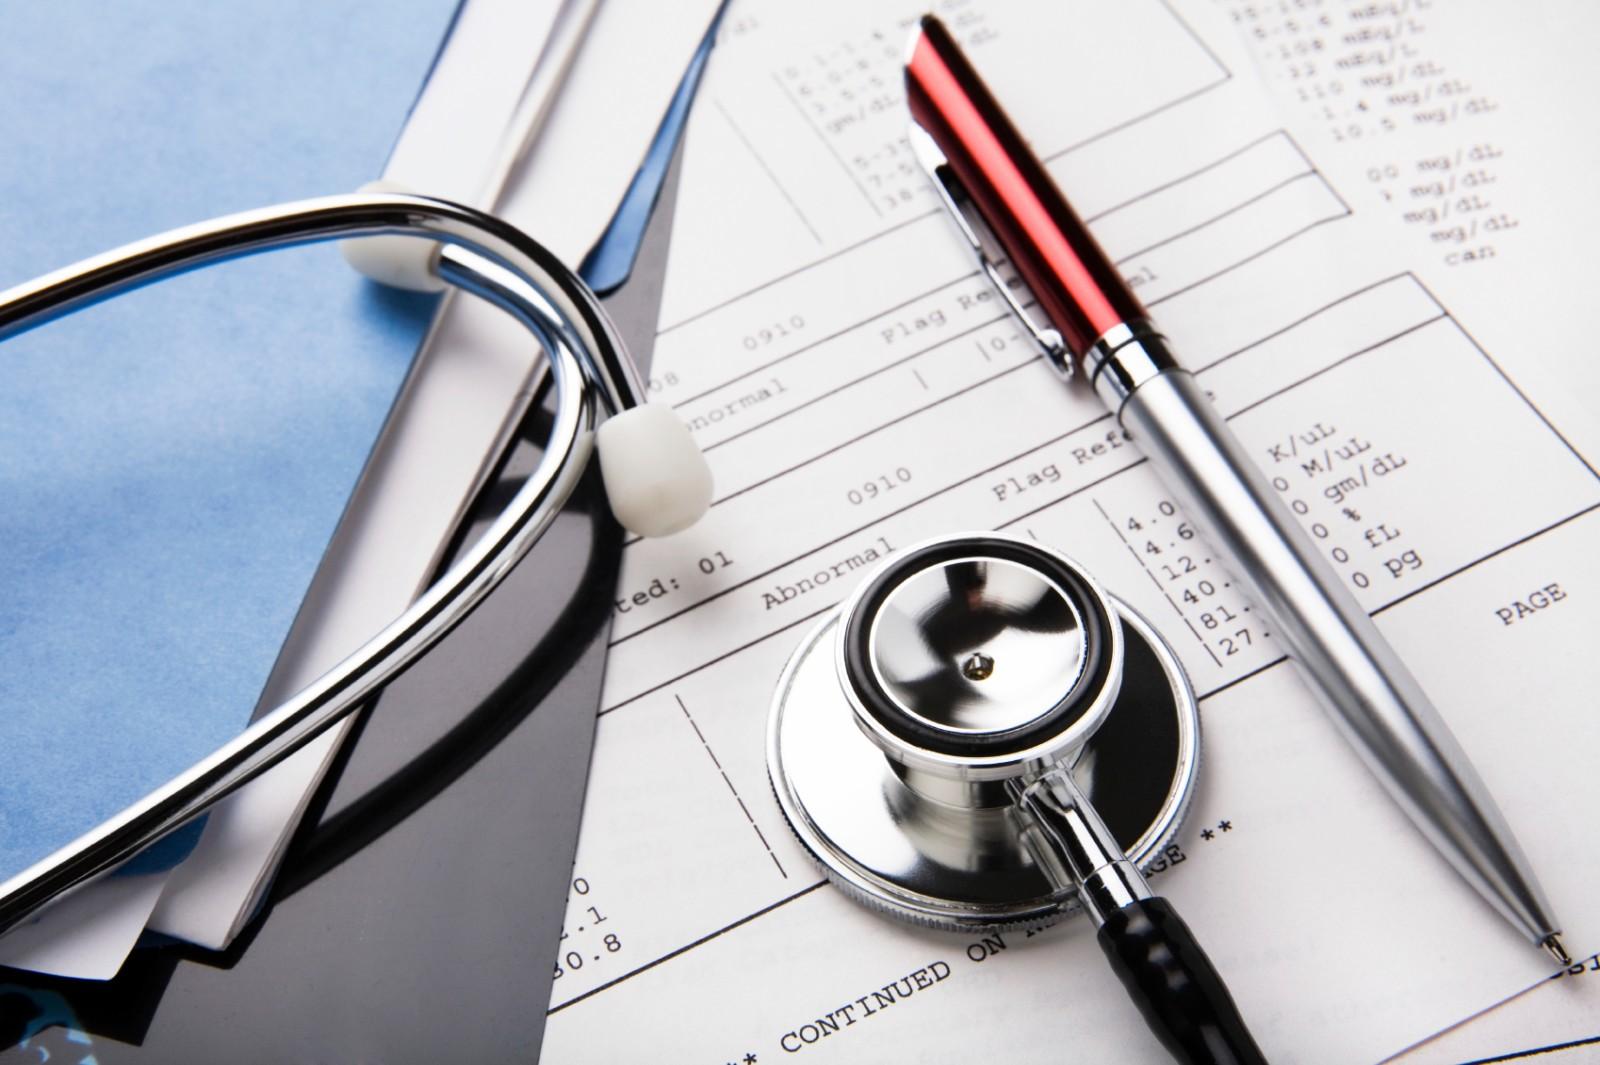 吉三代印度版,丙肝患者性价比更高的选择-绘佳医疗